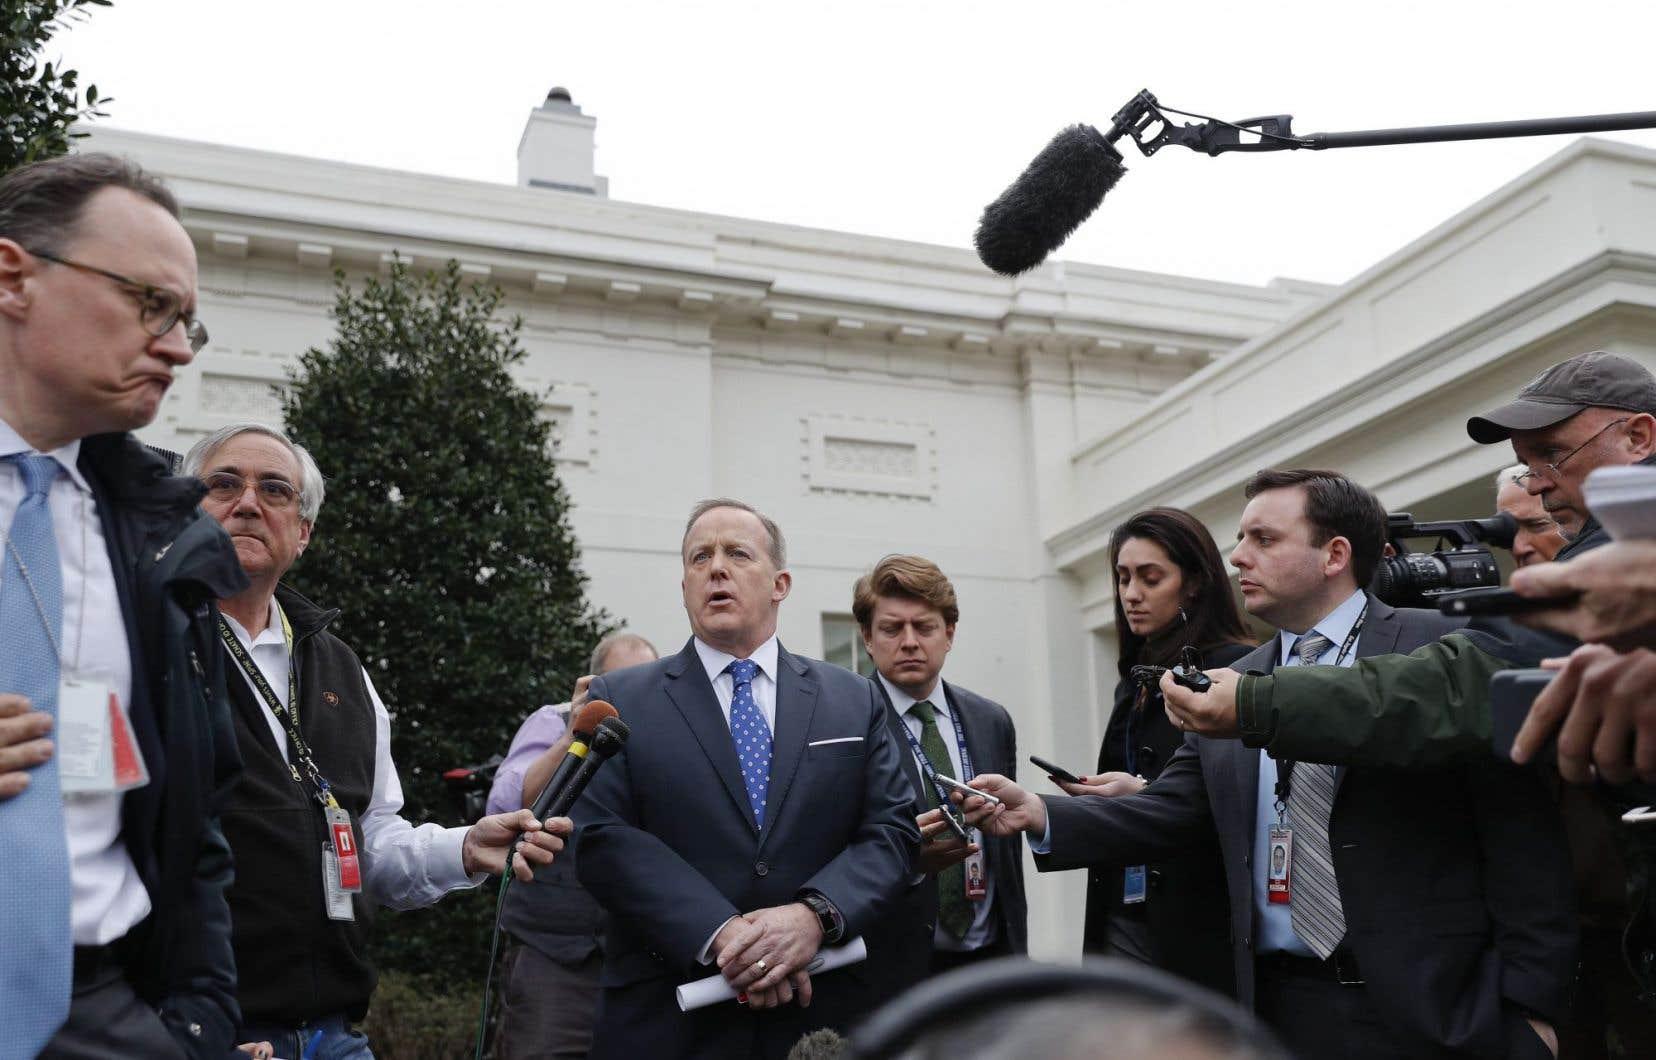 Le porte-parole de l'exécutif, Sean Spicer, s'adresse aux membres des médias à la Maison-Blanche.